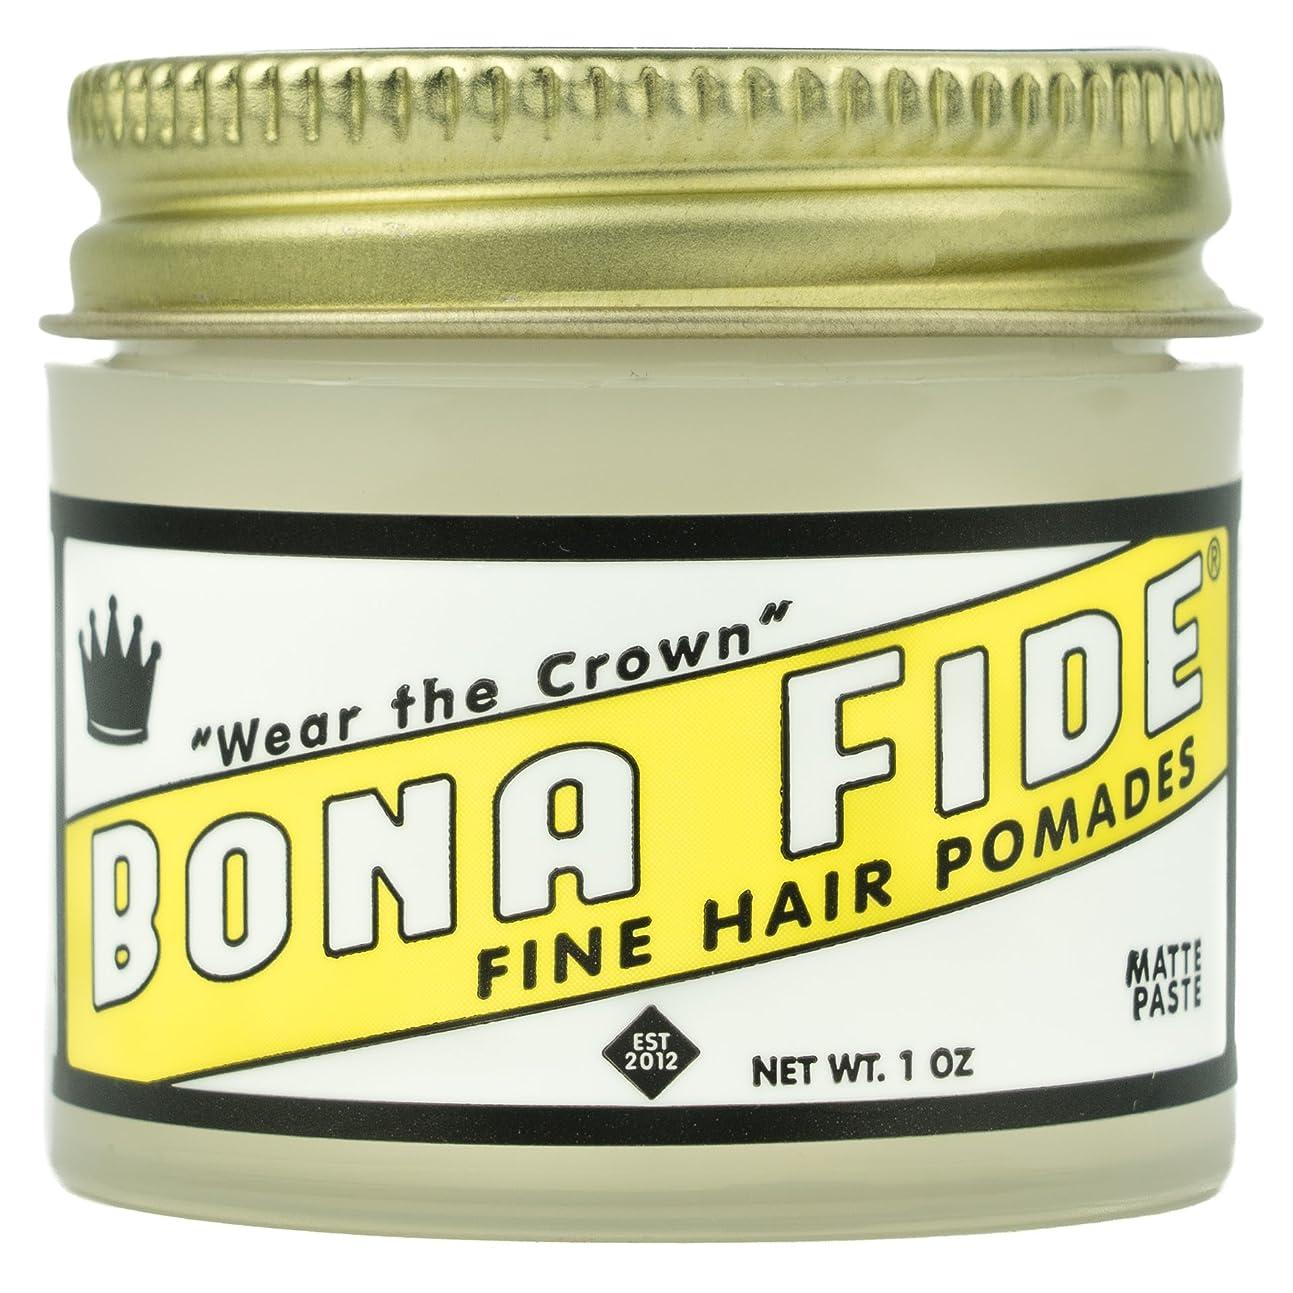 マーカー共感する意気揚々Bona Fide Pomade, マットペースト 1oz (28g) / トラベルサイズ,水性/グリース